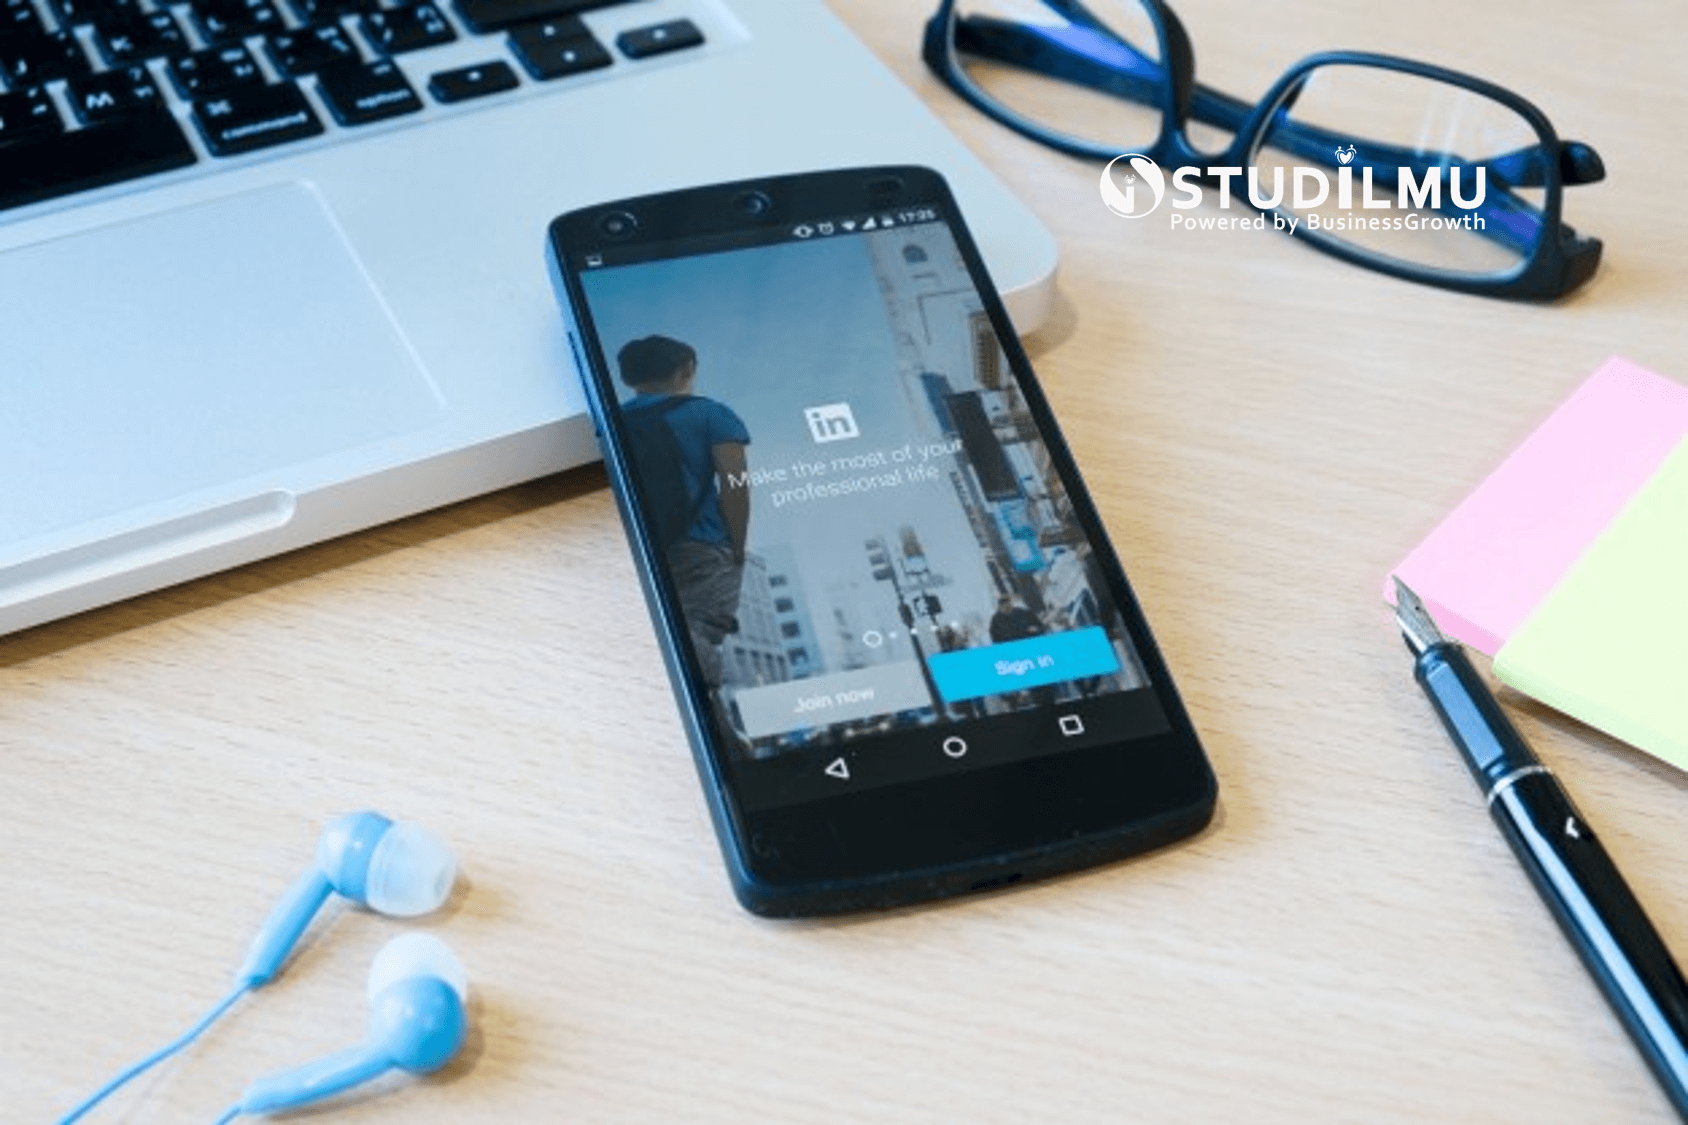 STUDILMU Career Advice - 4 Cara Mempromosikan Produk Anda melalui LinkedIn